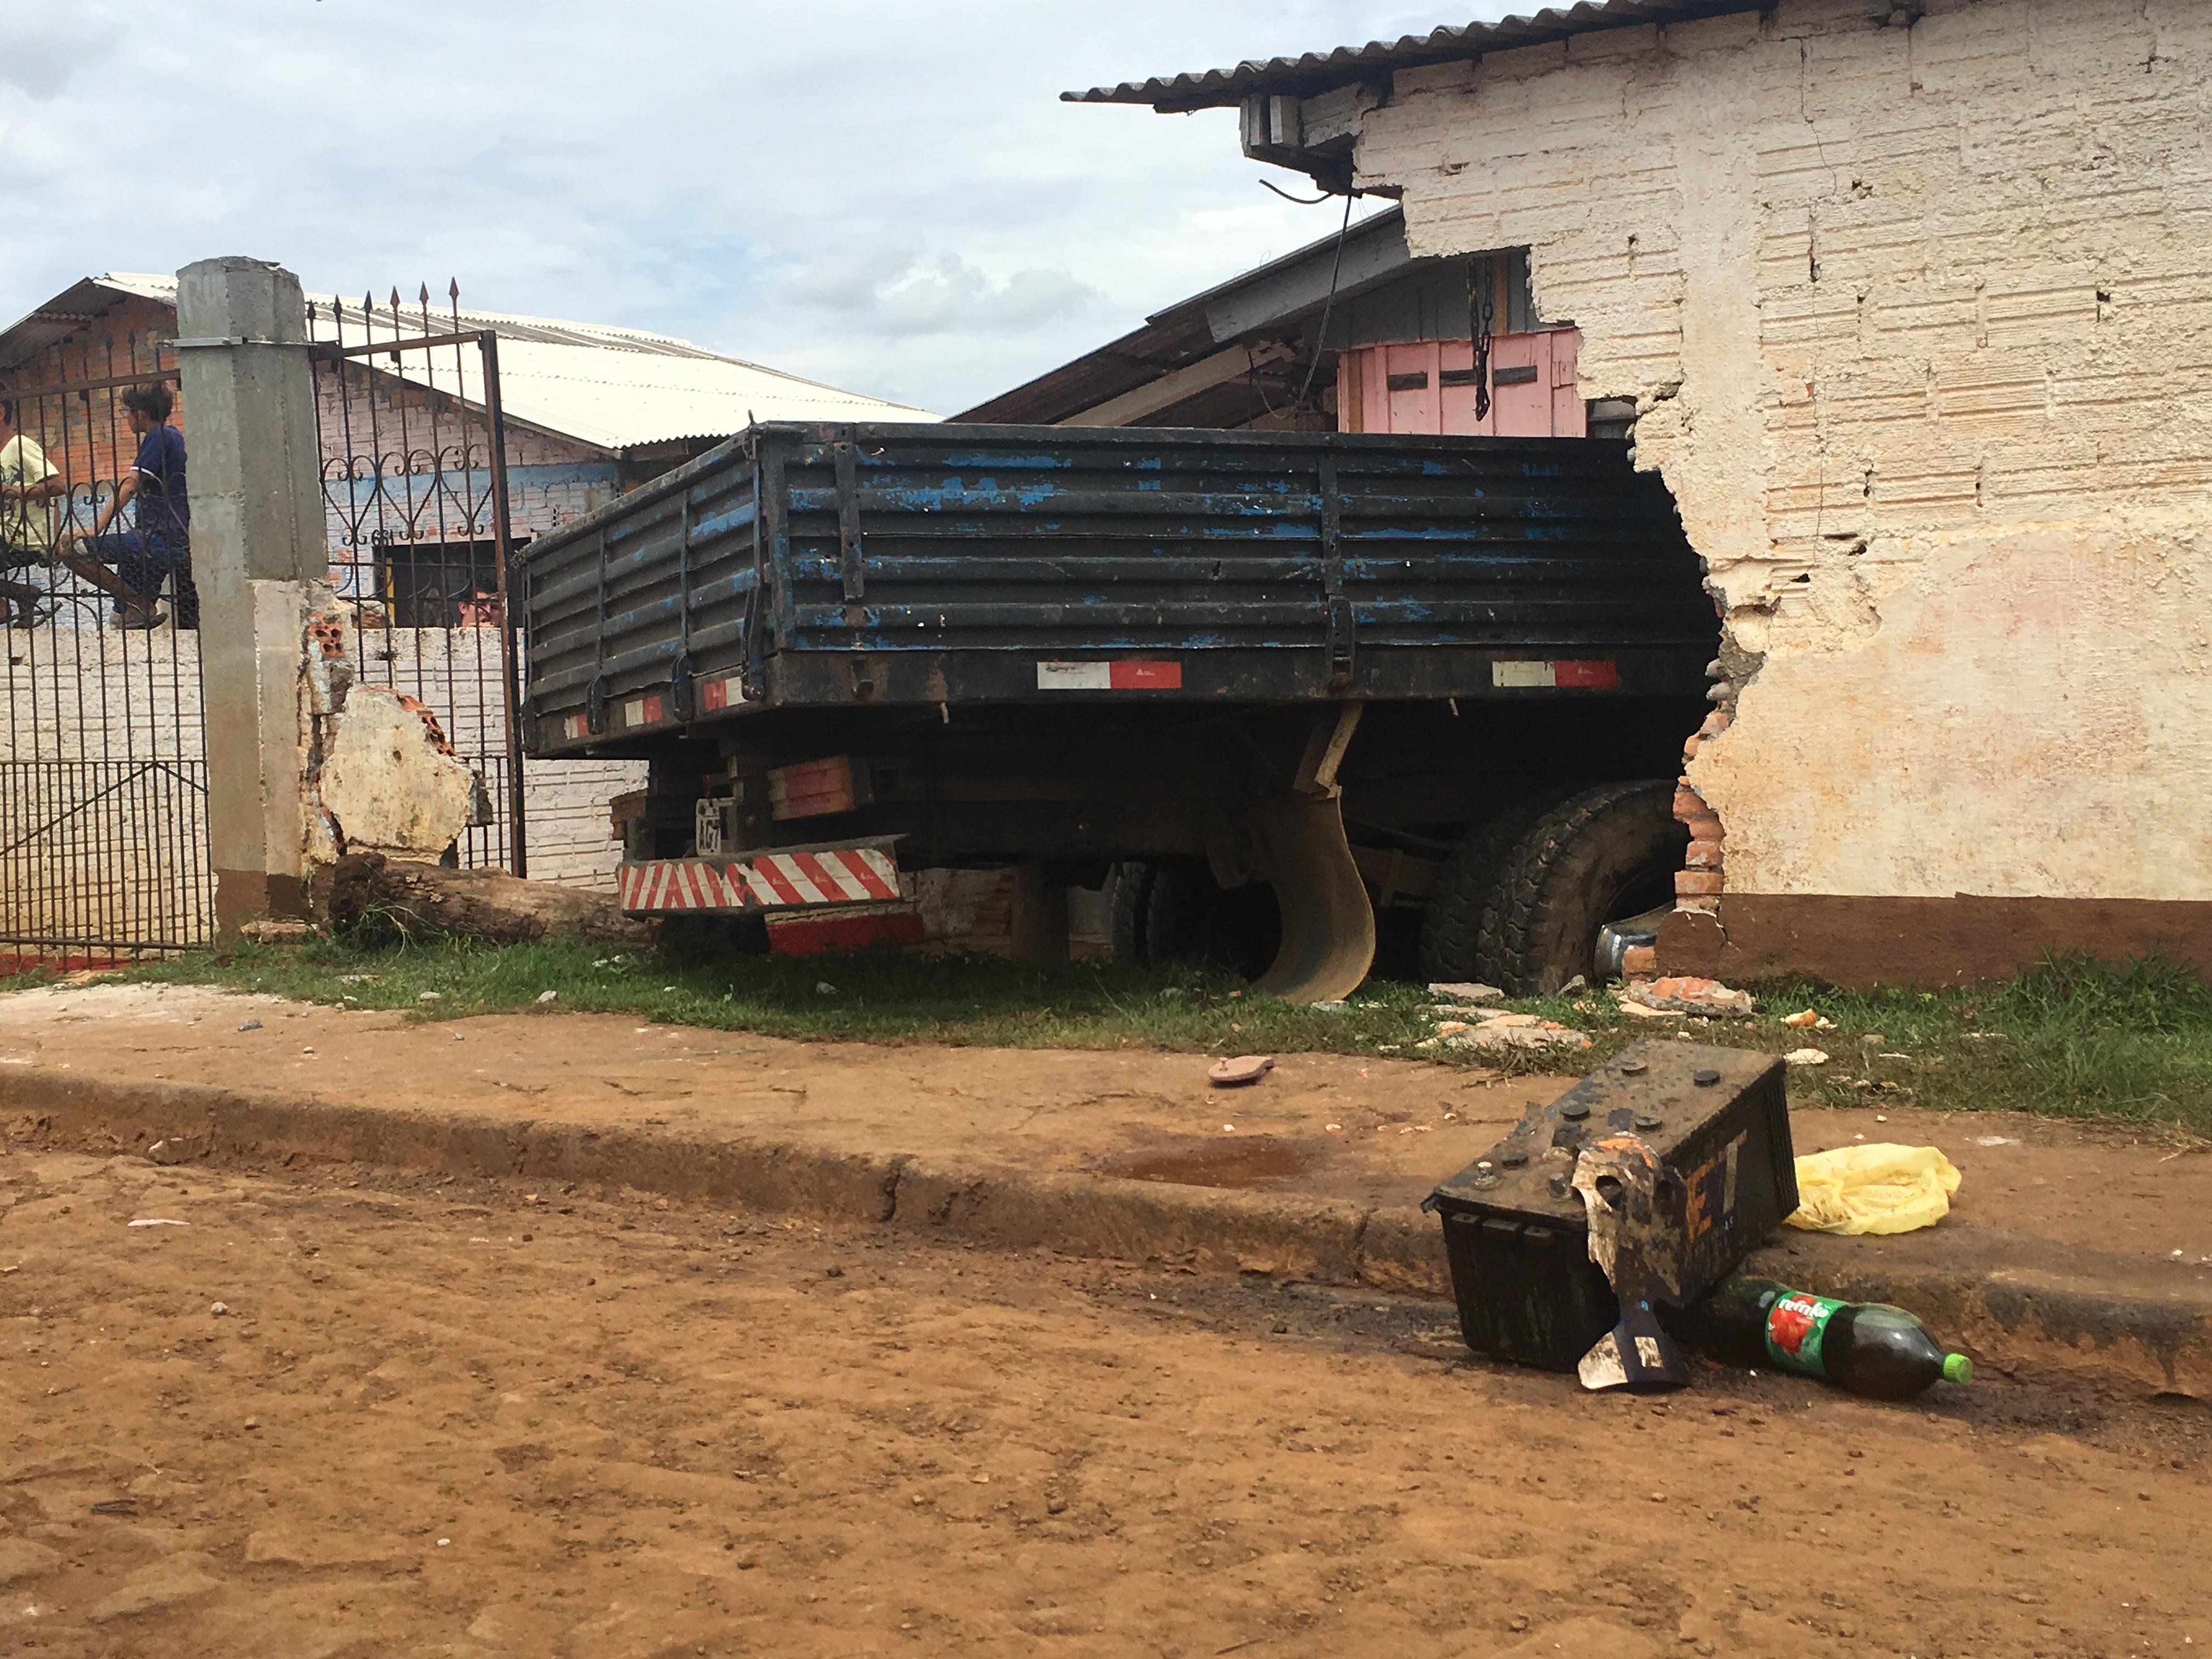 Caminhão atropela duas crianças na calçada e invade casa em Guarapuava; menino de 4 anos morreu